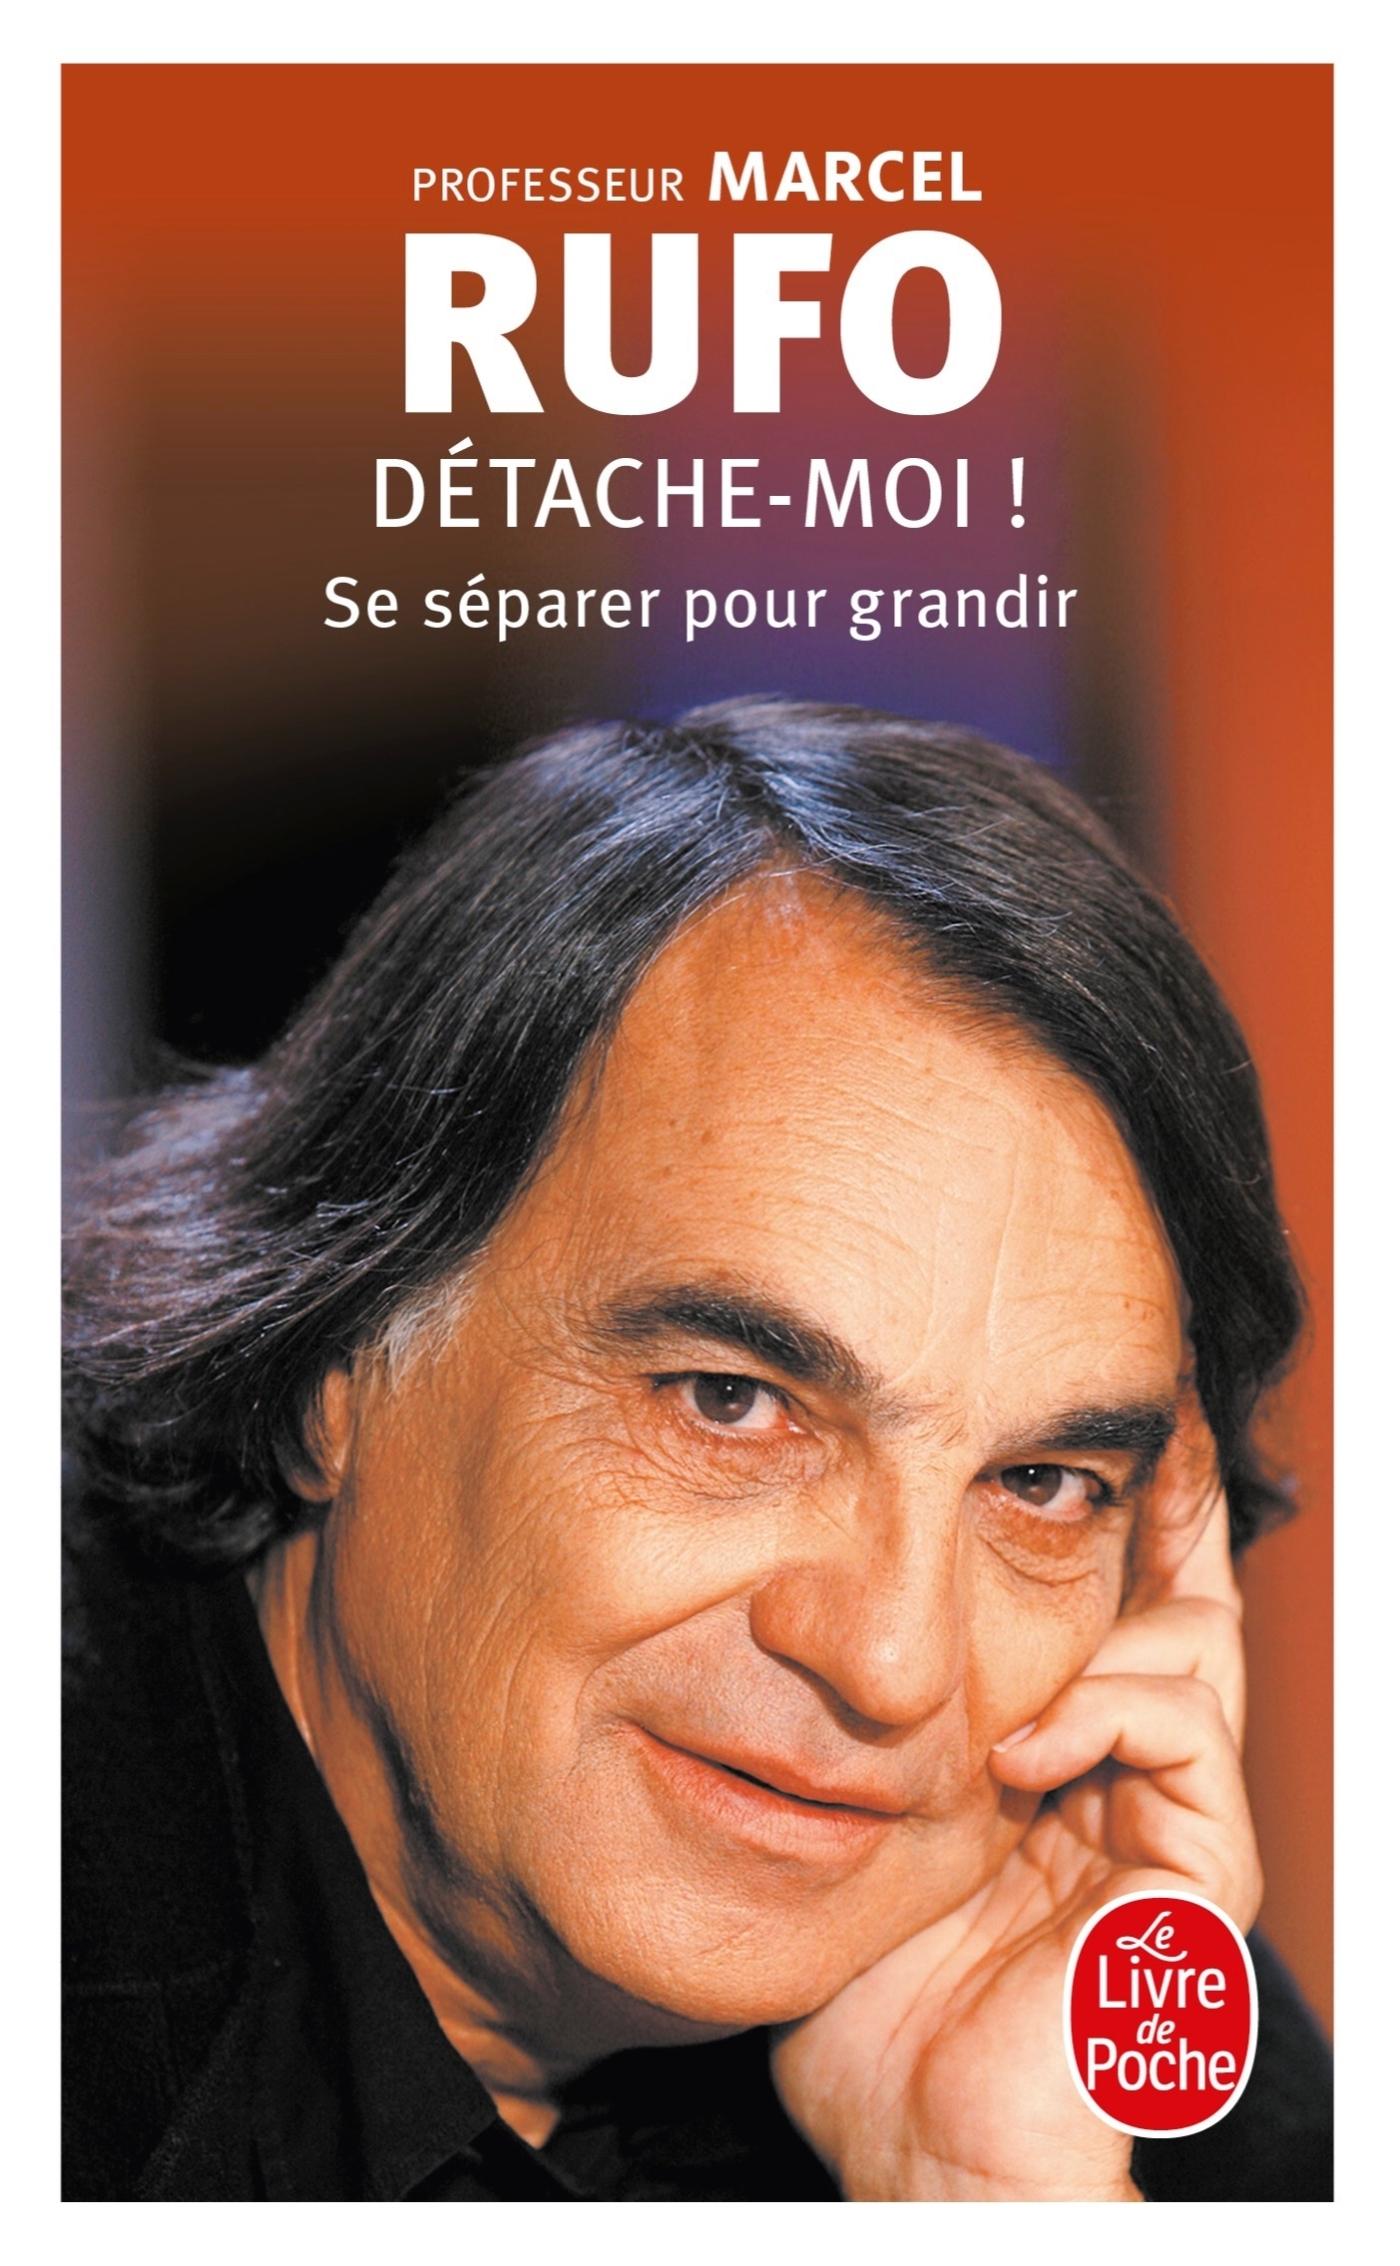 DETACHE-MOI ! SE SEPARER POUR GRANDIR